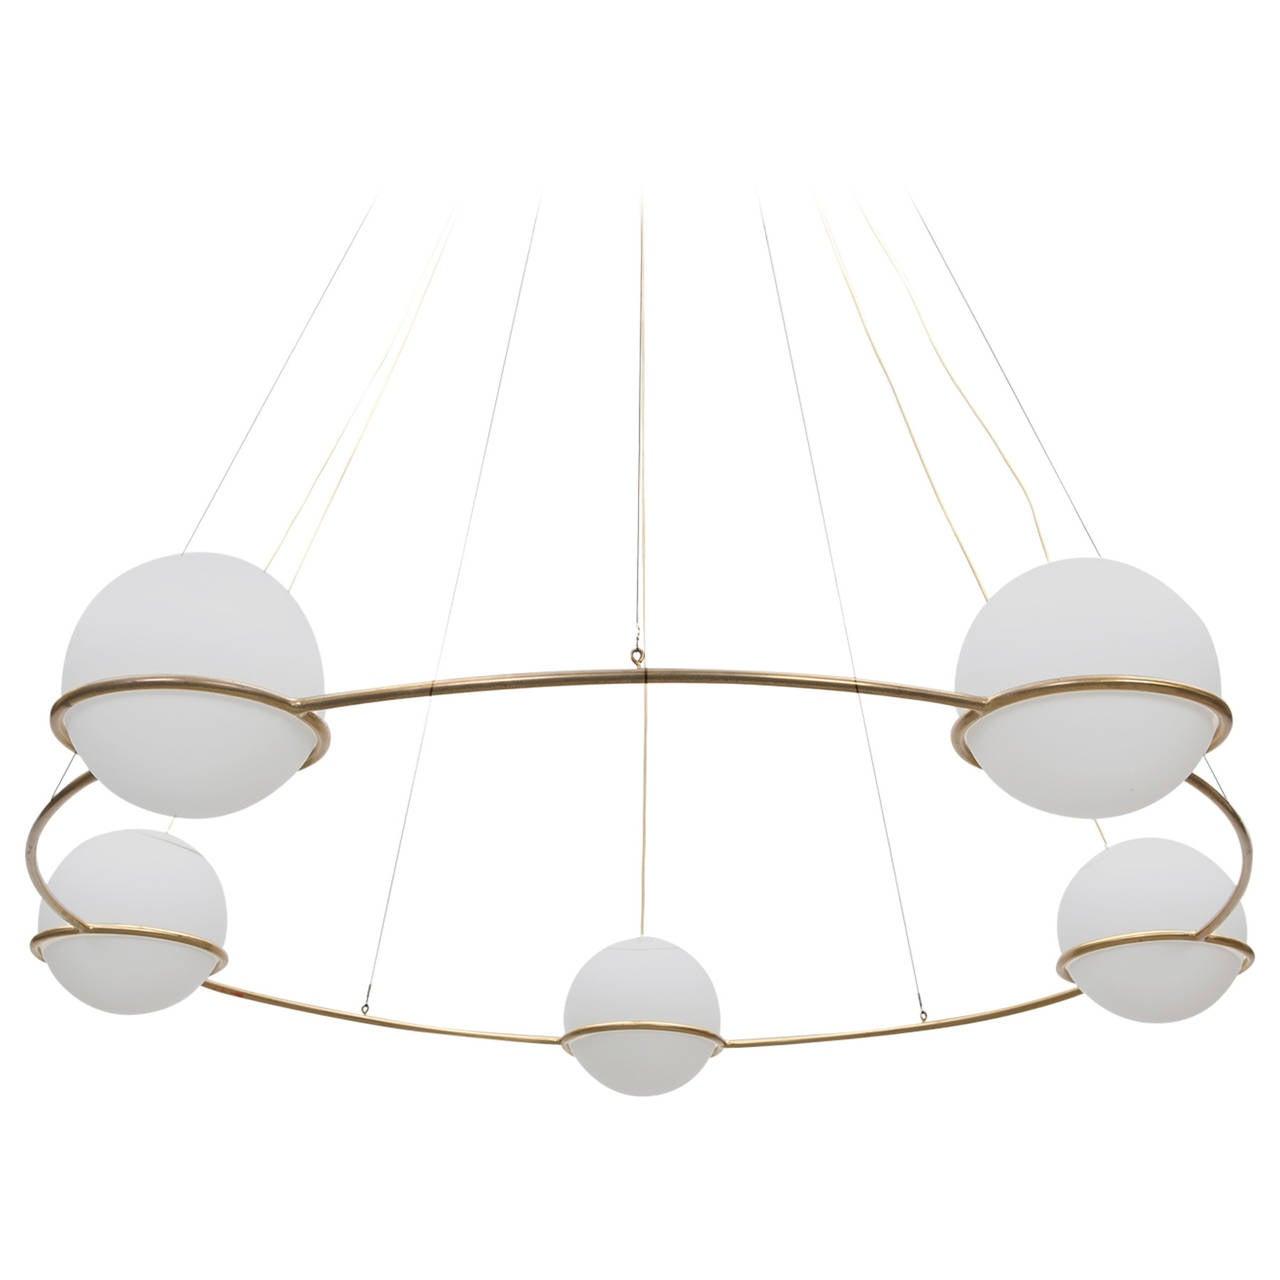 Big Ceiling Lamp in Style of Gino Sarfatti 'x'